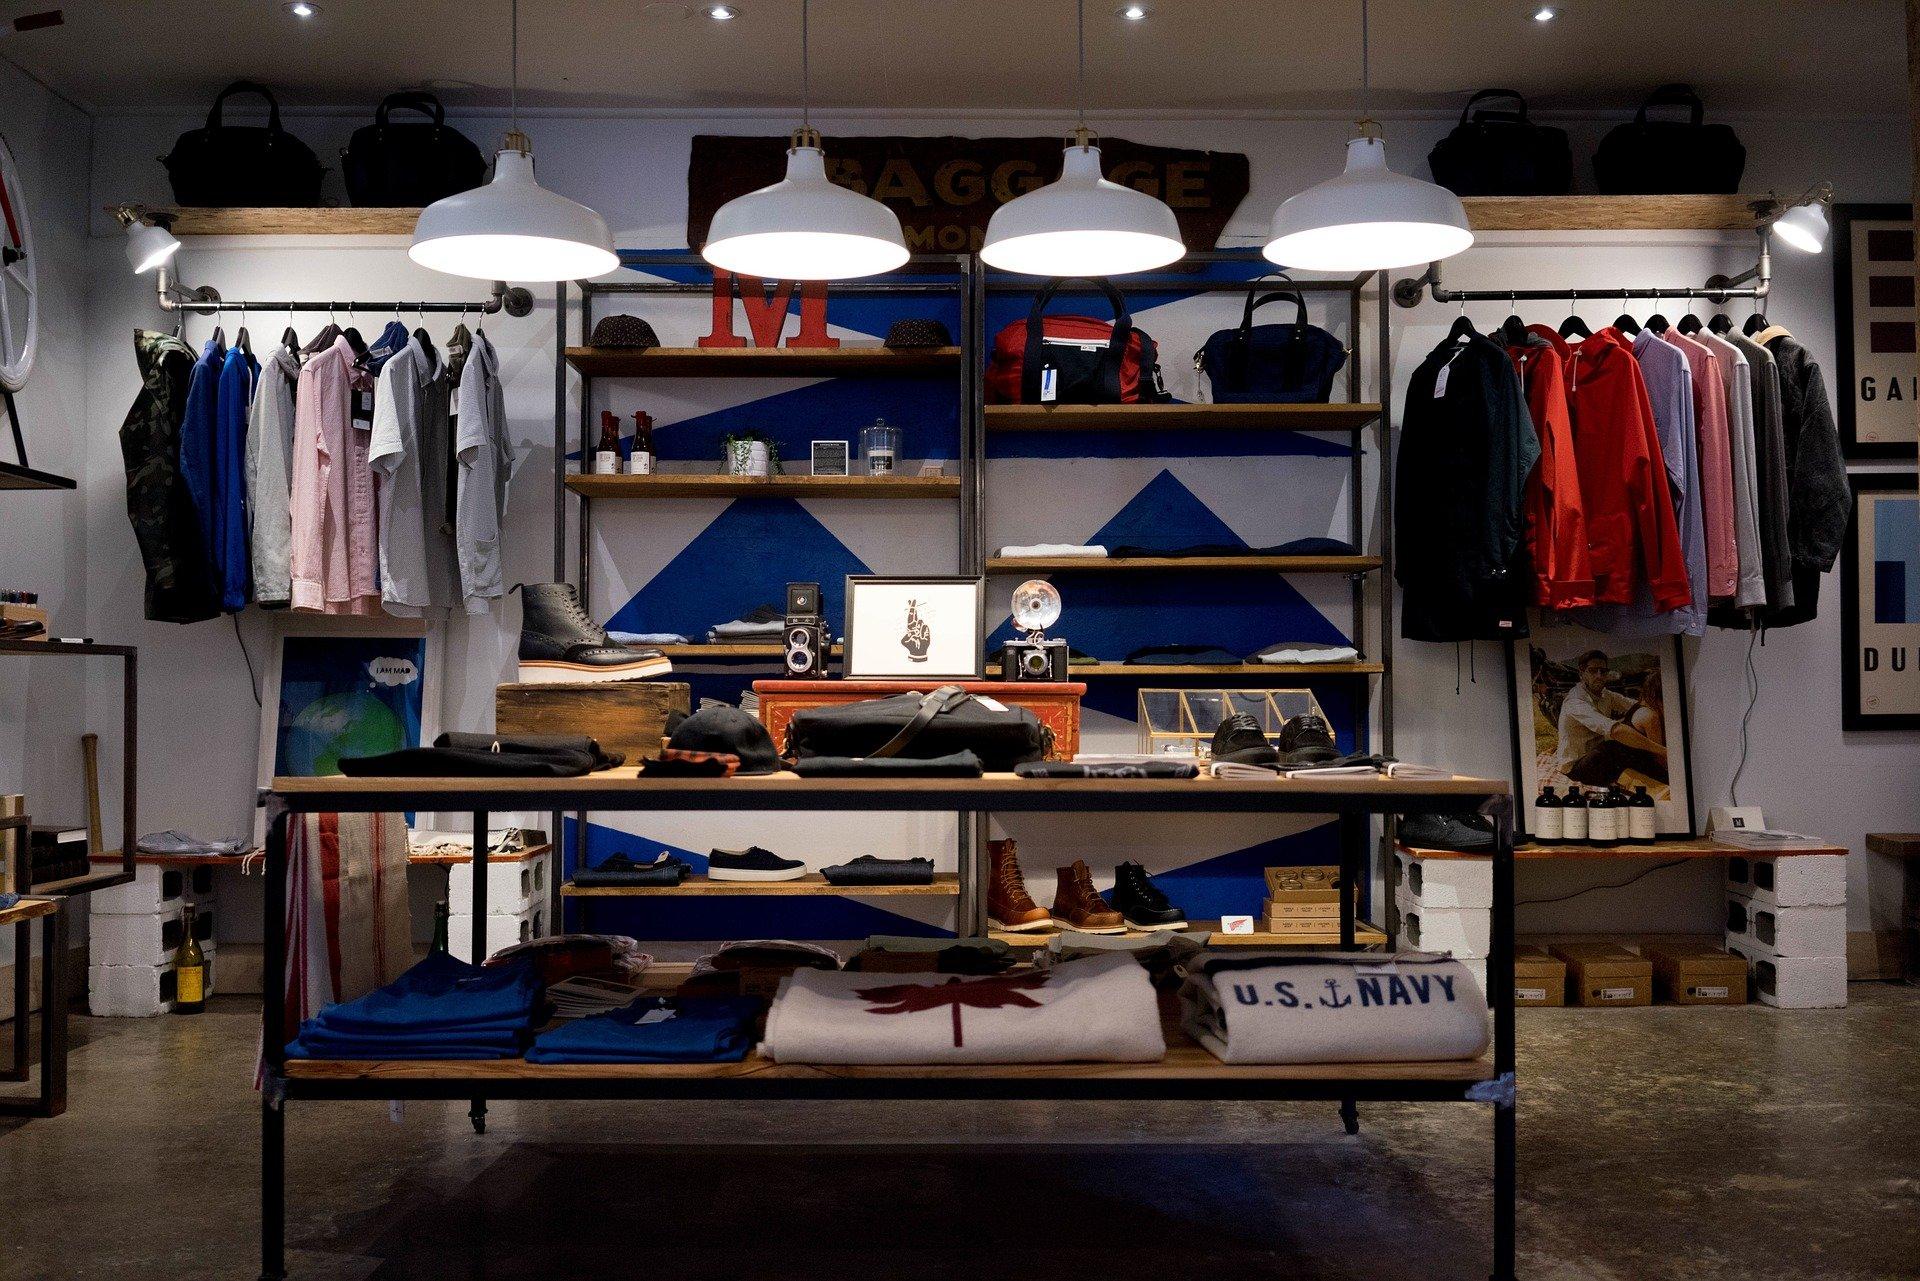 Vemos uma loja de roupas com várias araras e estantes (imagem ilustrativa). Texto: Franquia Hering Store.